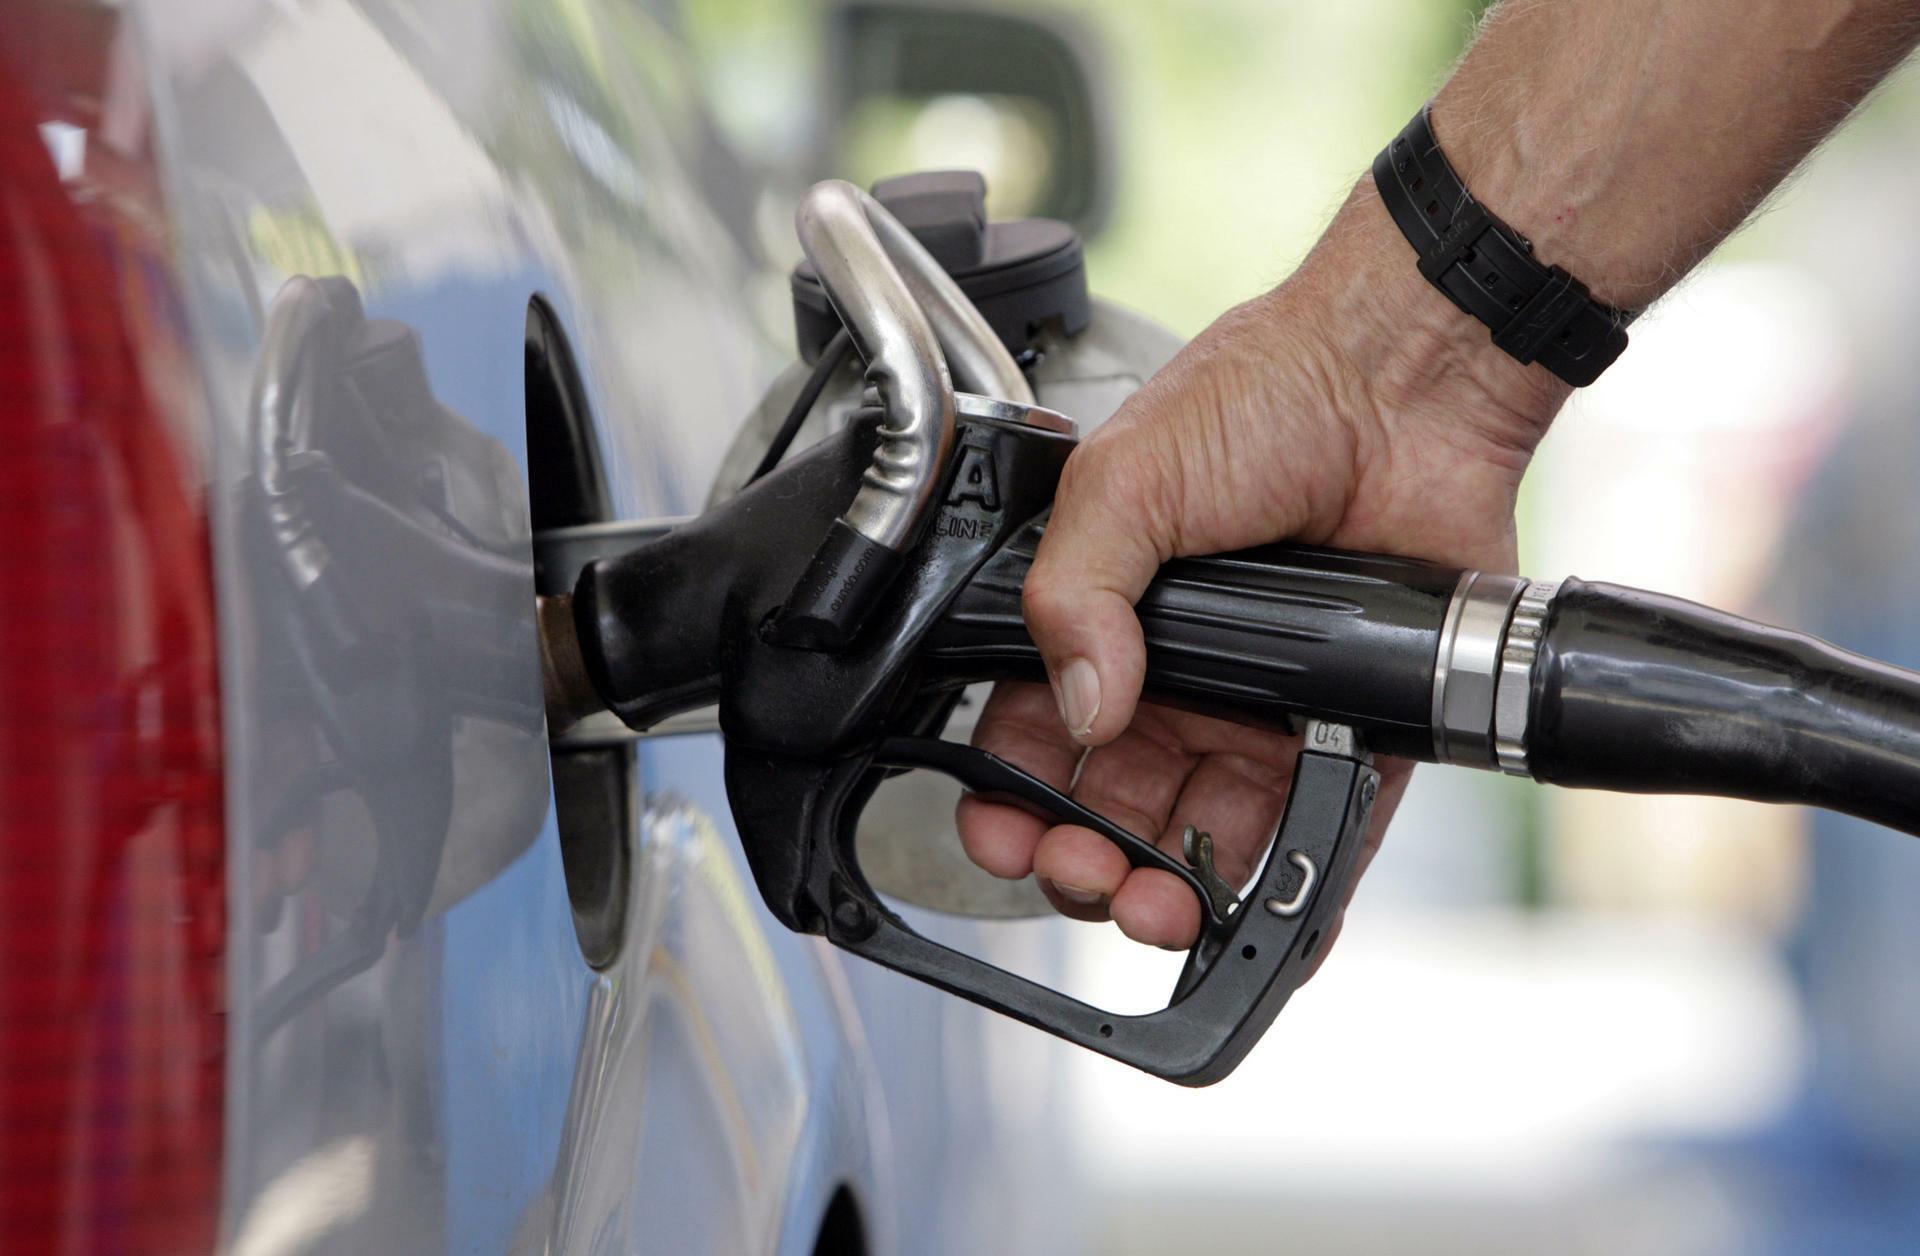 Spritkostenrechner für Ihren Benziner oder Diesel